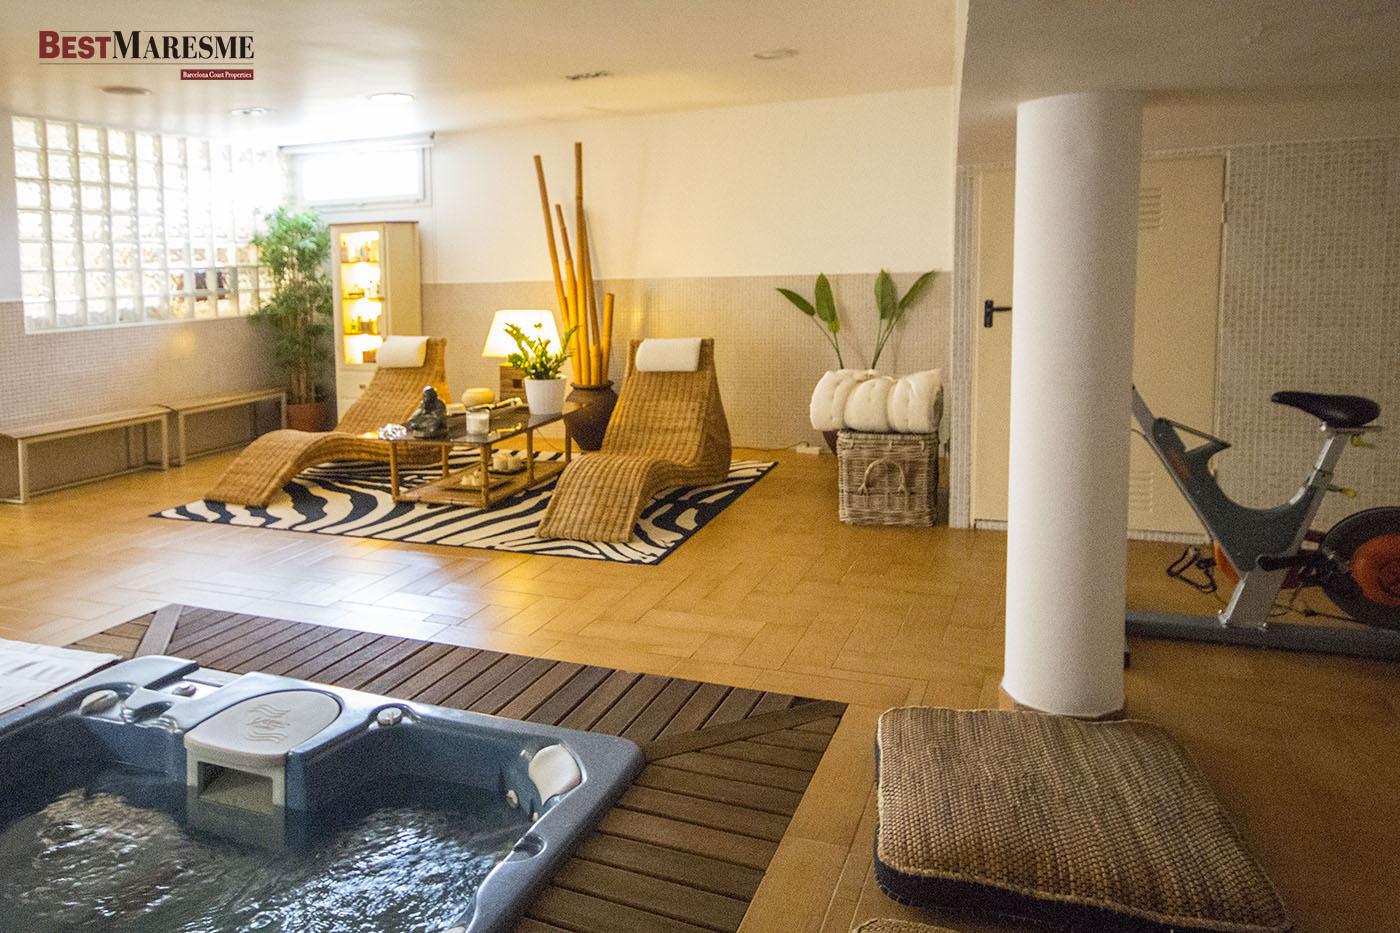 Nuestras casas en venta con spa o gimnasio bestmaresme - Casa con gimnasio ...